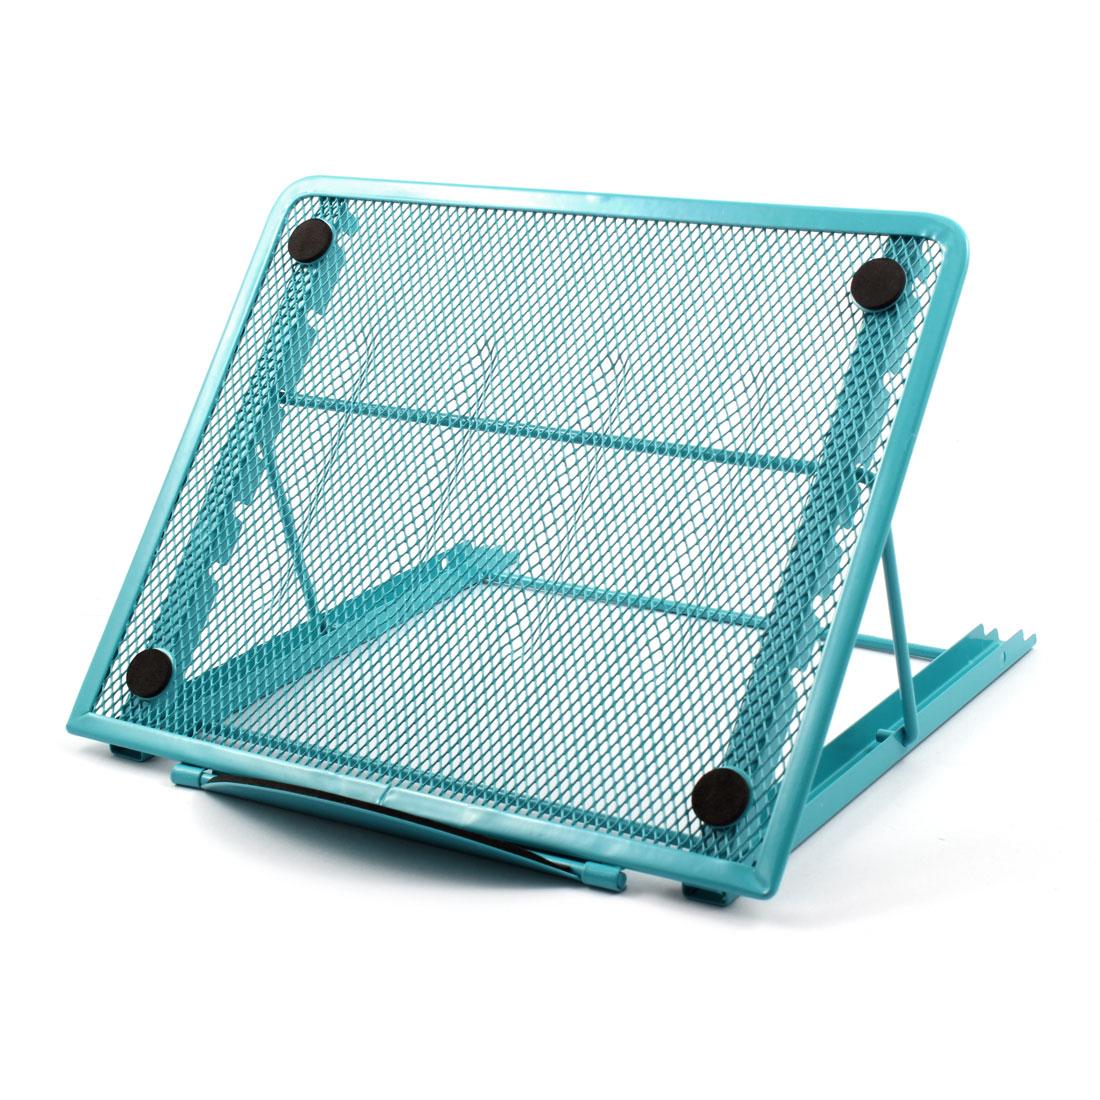 Home Tablet Desk Metal 6 Slots Adjustable Foldable Stand Bracket Holder Blue